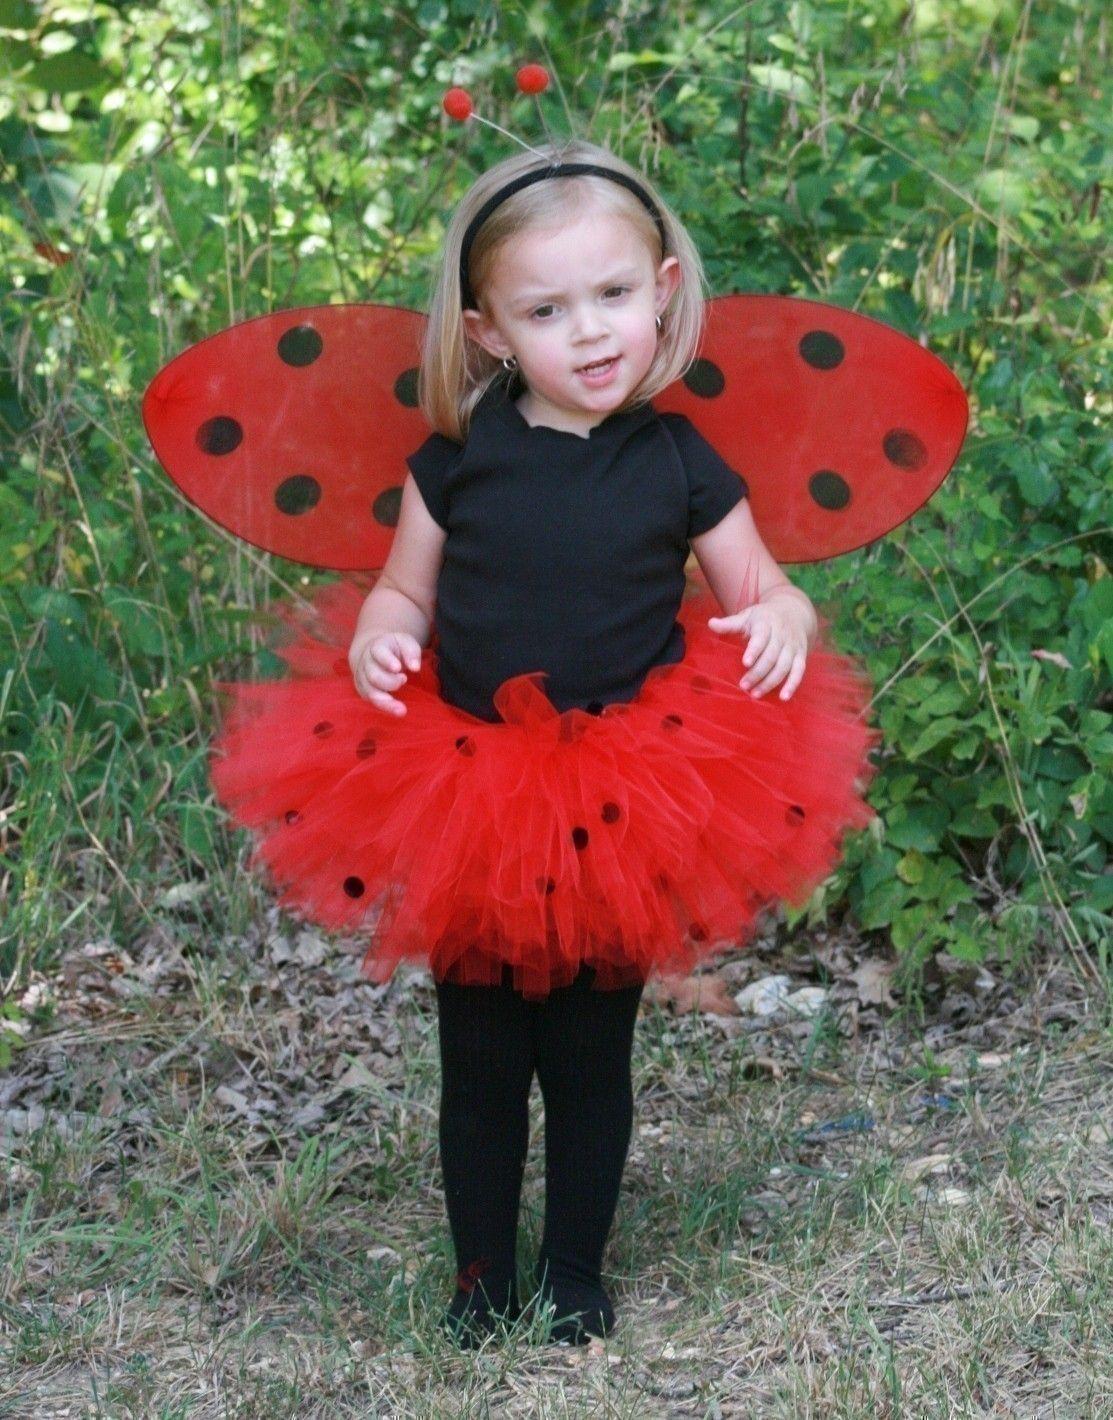 DIY Ladybug Costume  Ladybug Red Black FULL Custom Boutique Tutu Baby Toddler 0